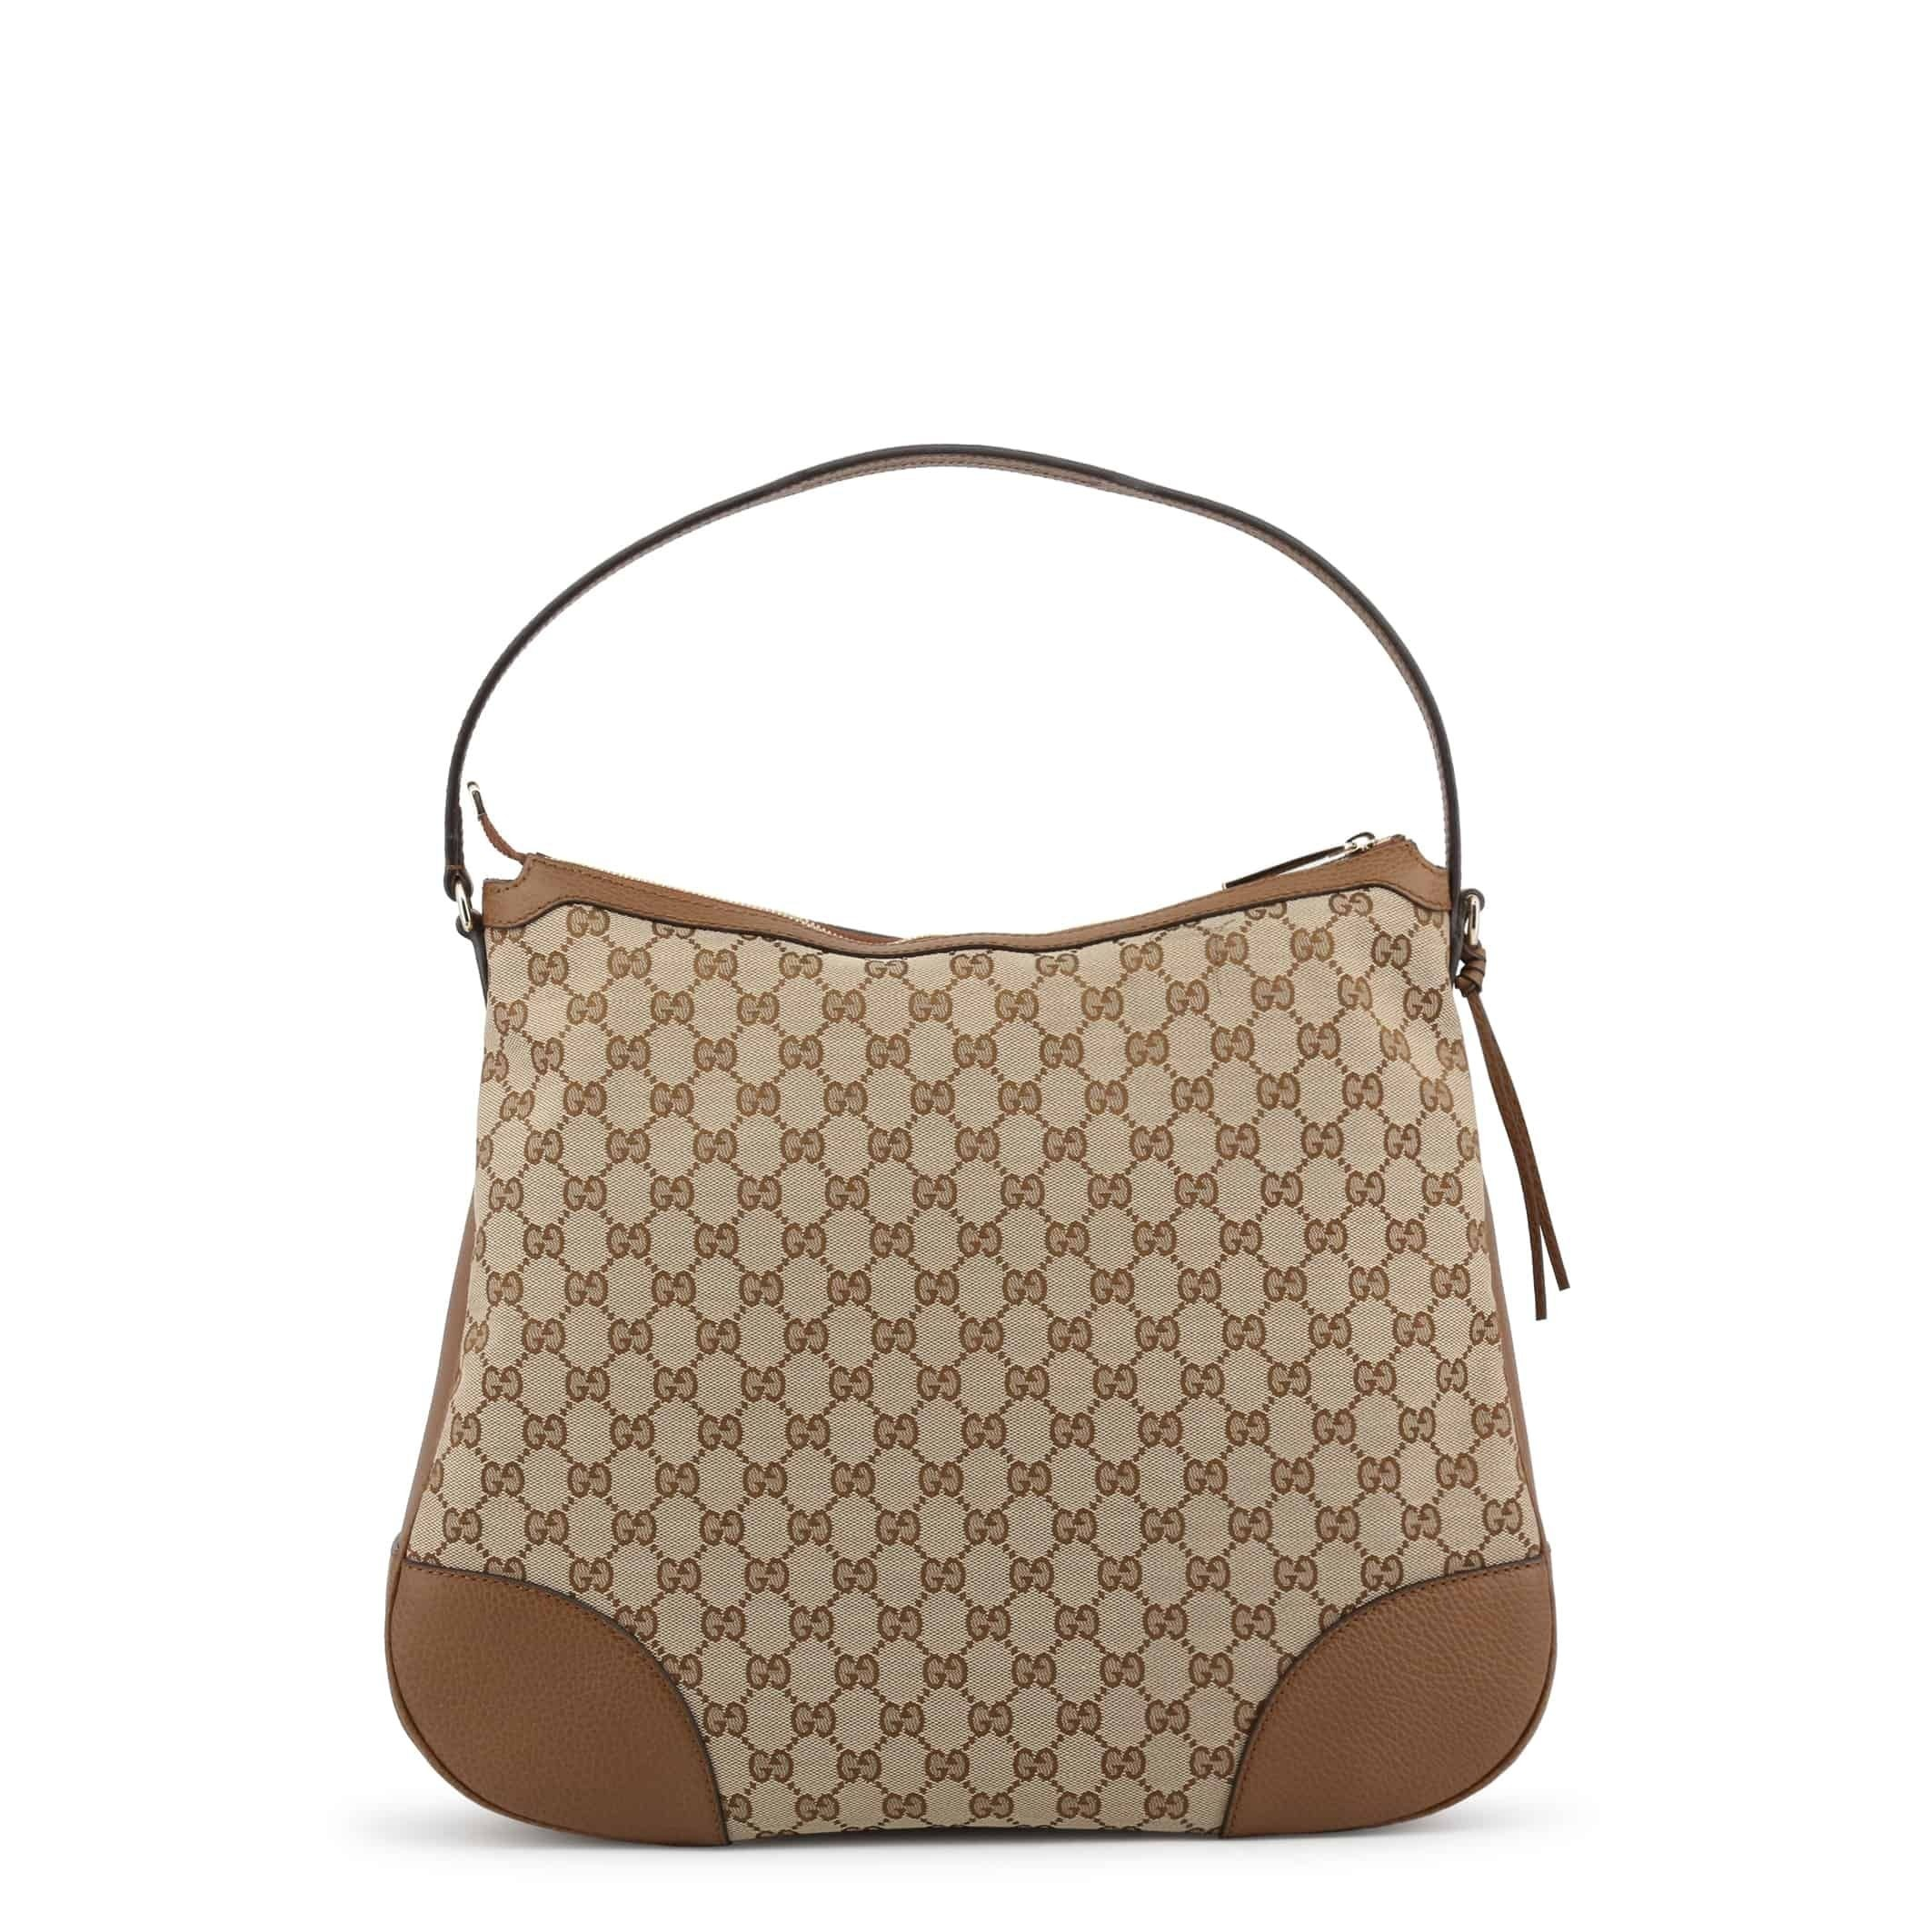 Gucci - 449244 _ KY9LG-marrón